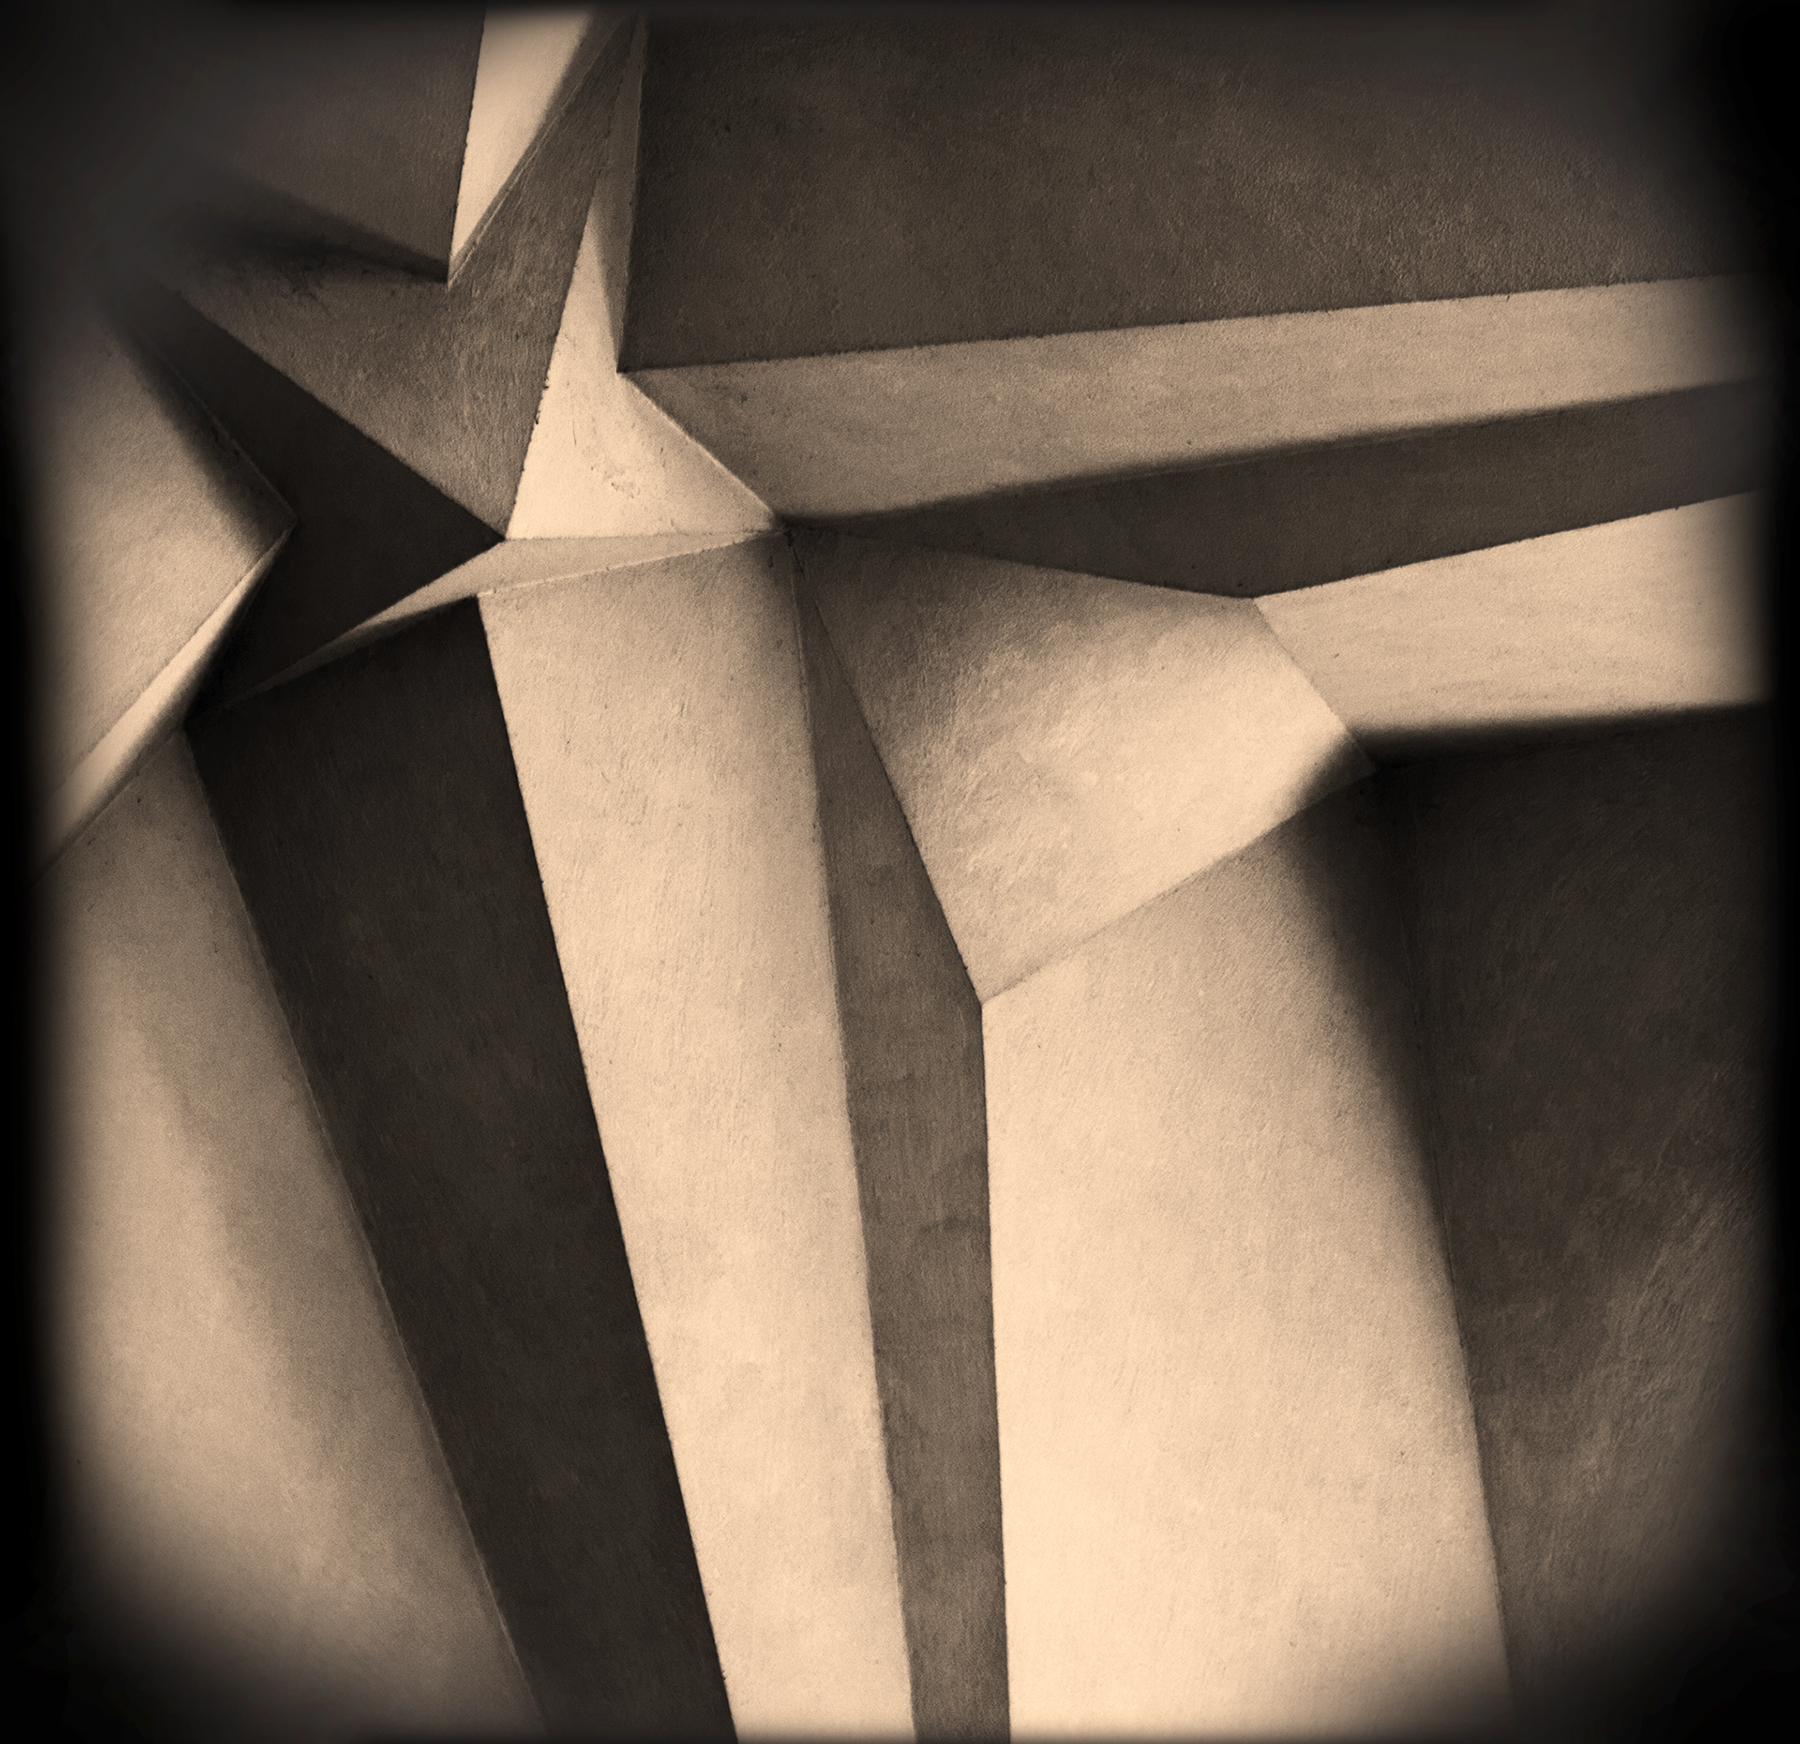 42_Irina_Kipervaser_Imagine_Cubism_1.jpg